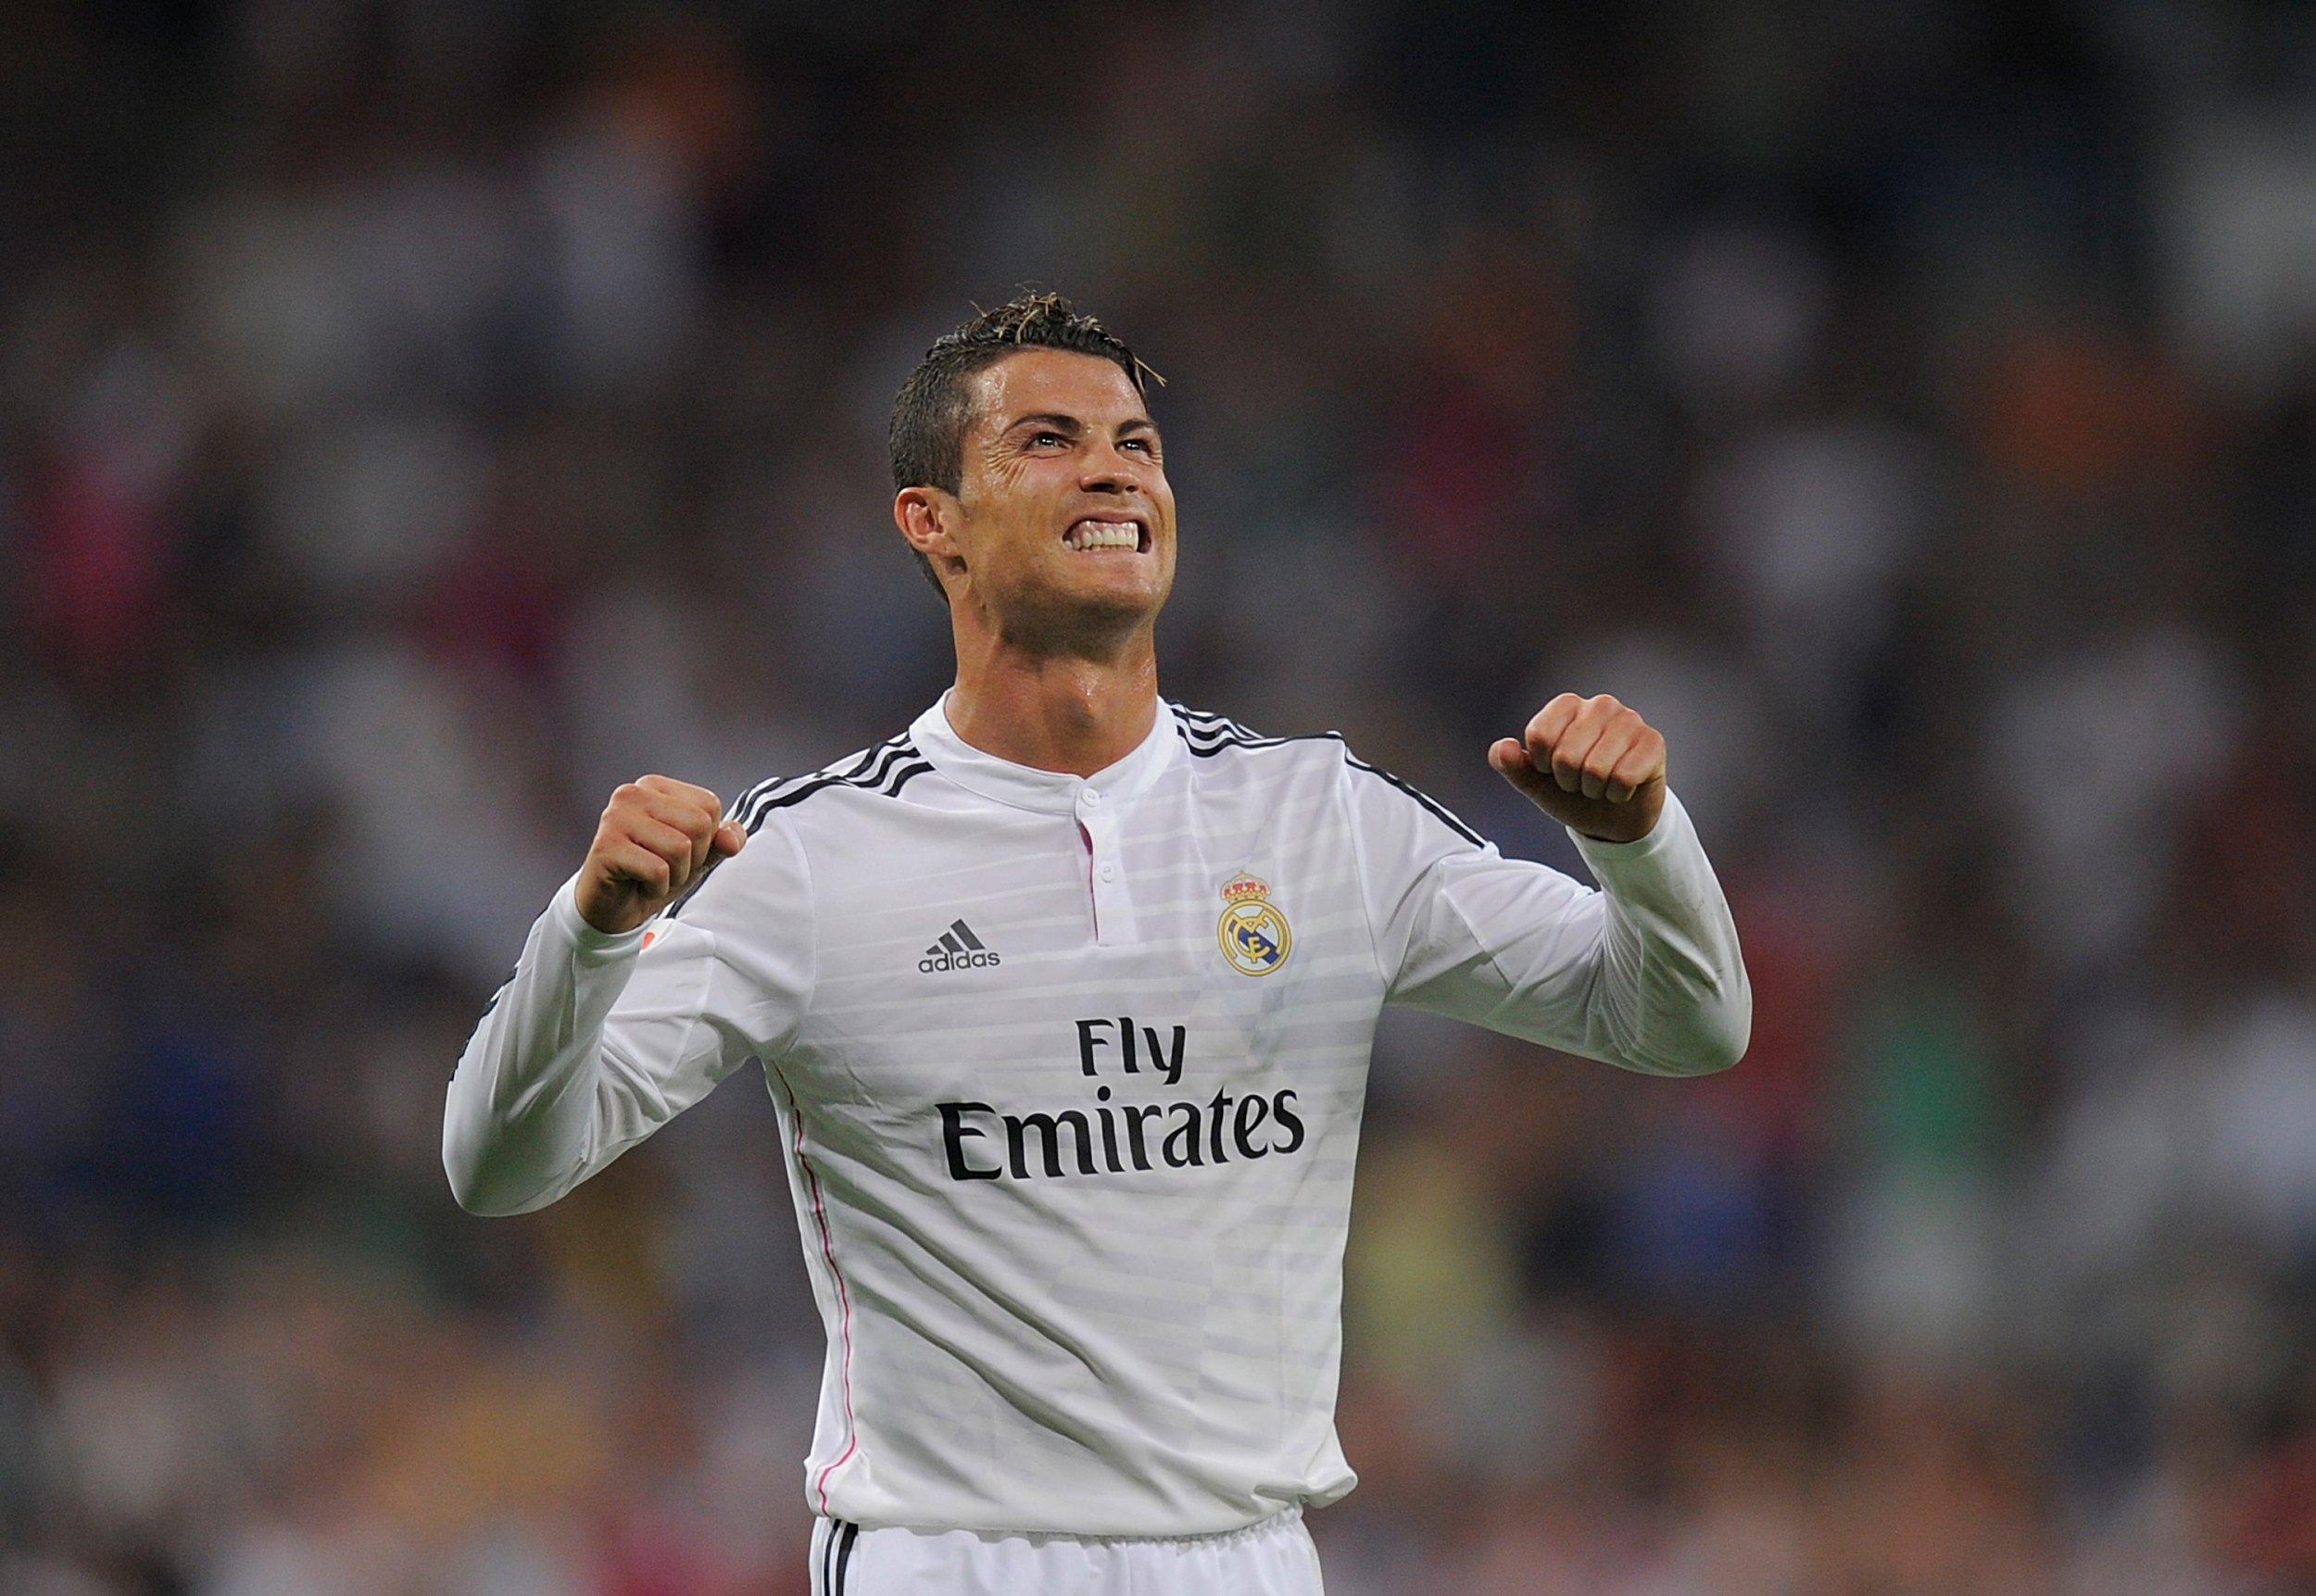 Cristiano Ronaldo in August 2014